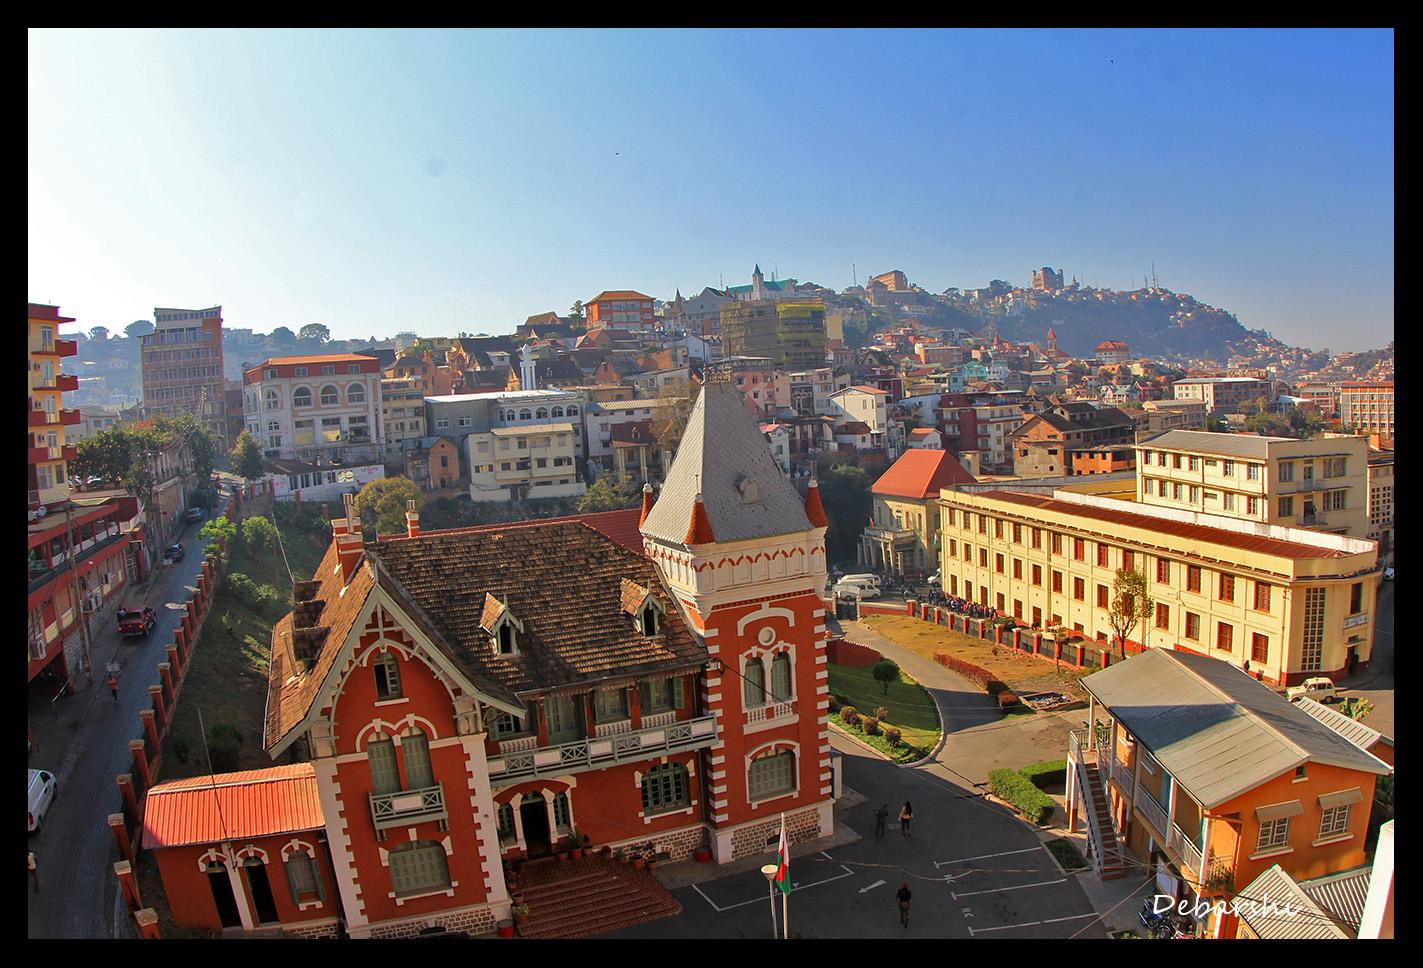 Antananarivo City Centre